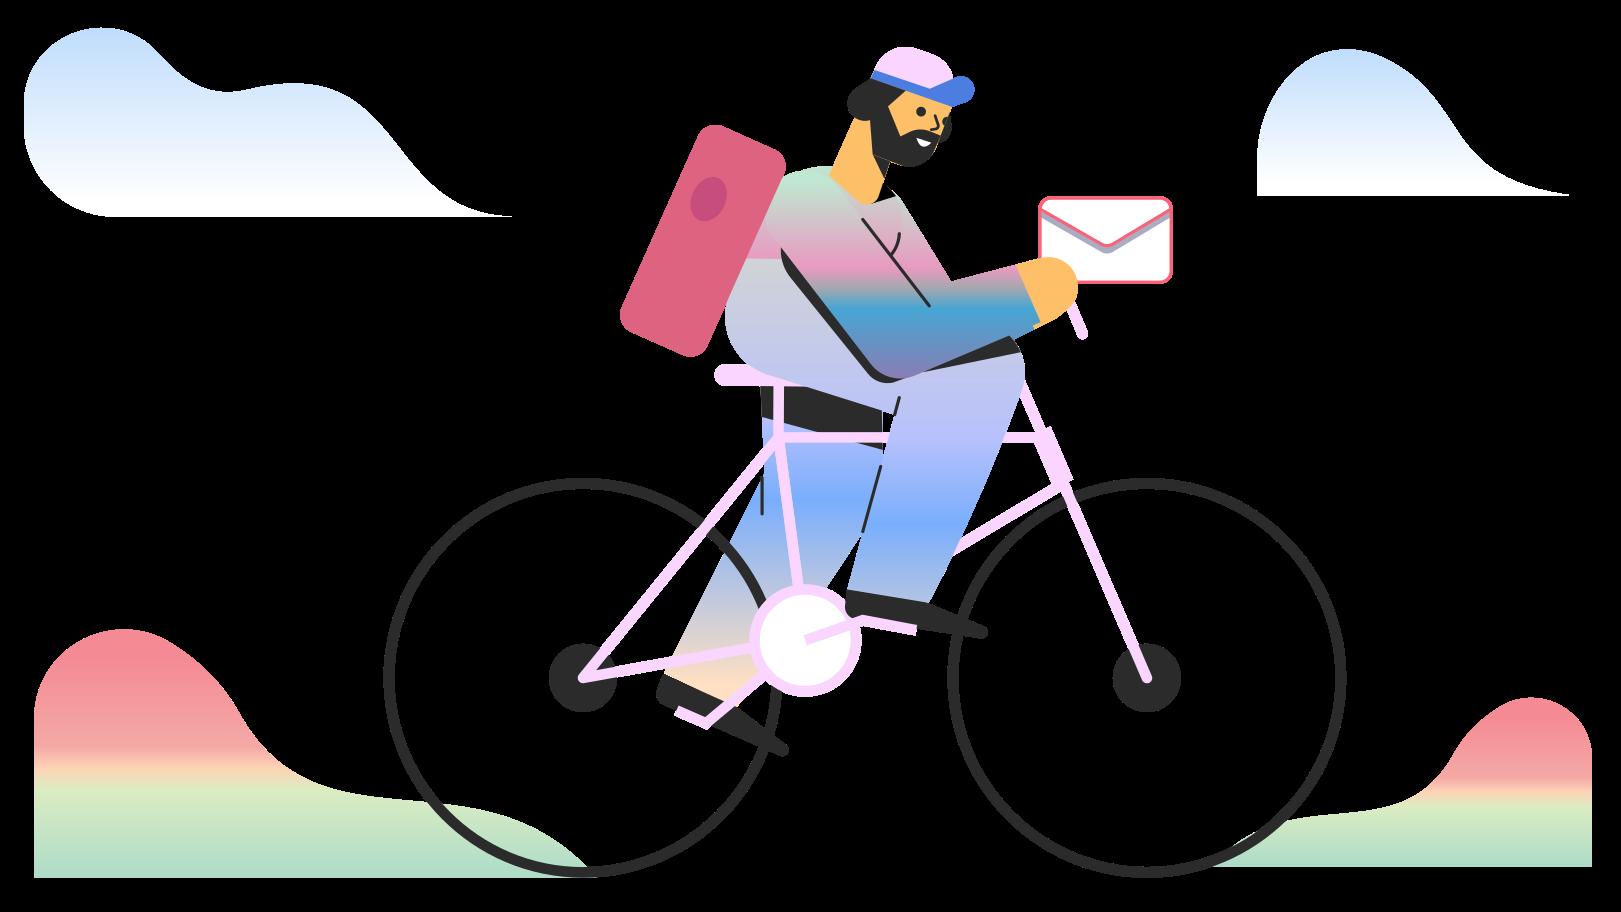 Delivering a message Clipart illustration in PNG, SVG